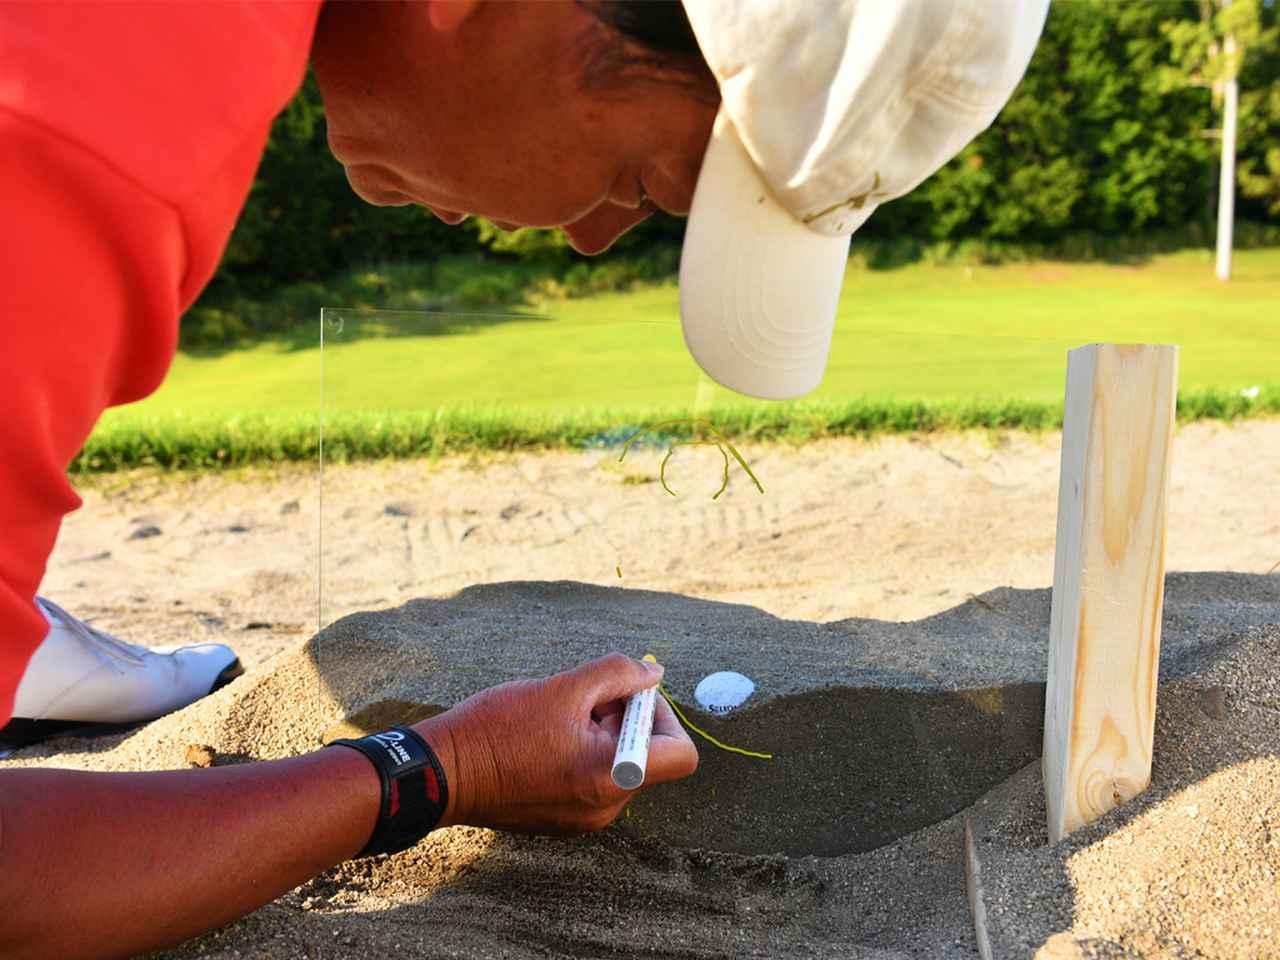 画像: このくらいの砂を取らないと脱出できないよね